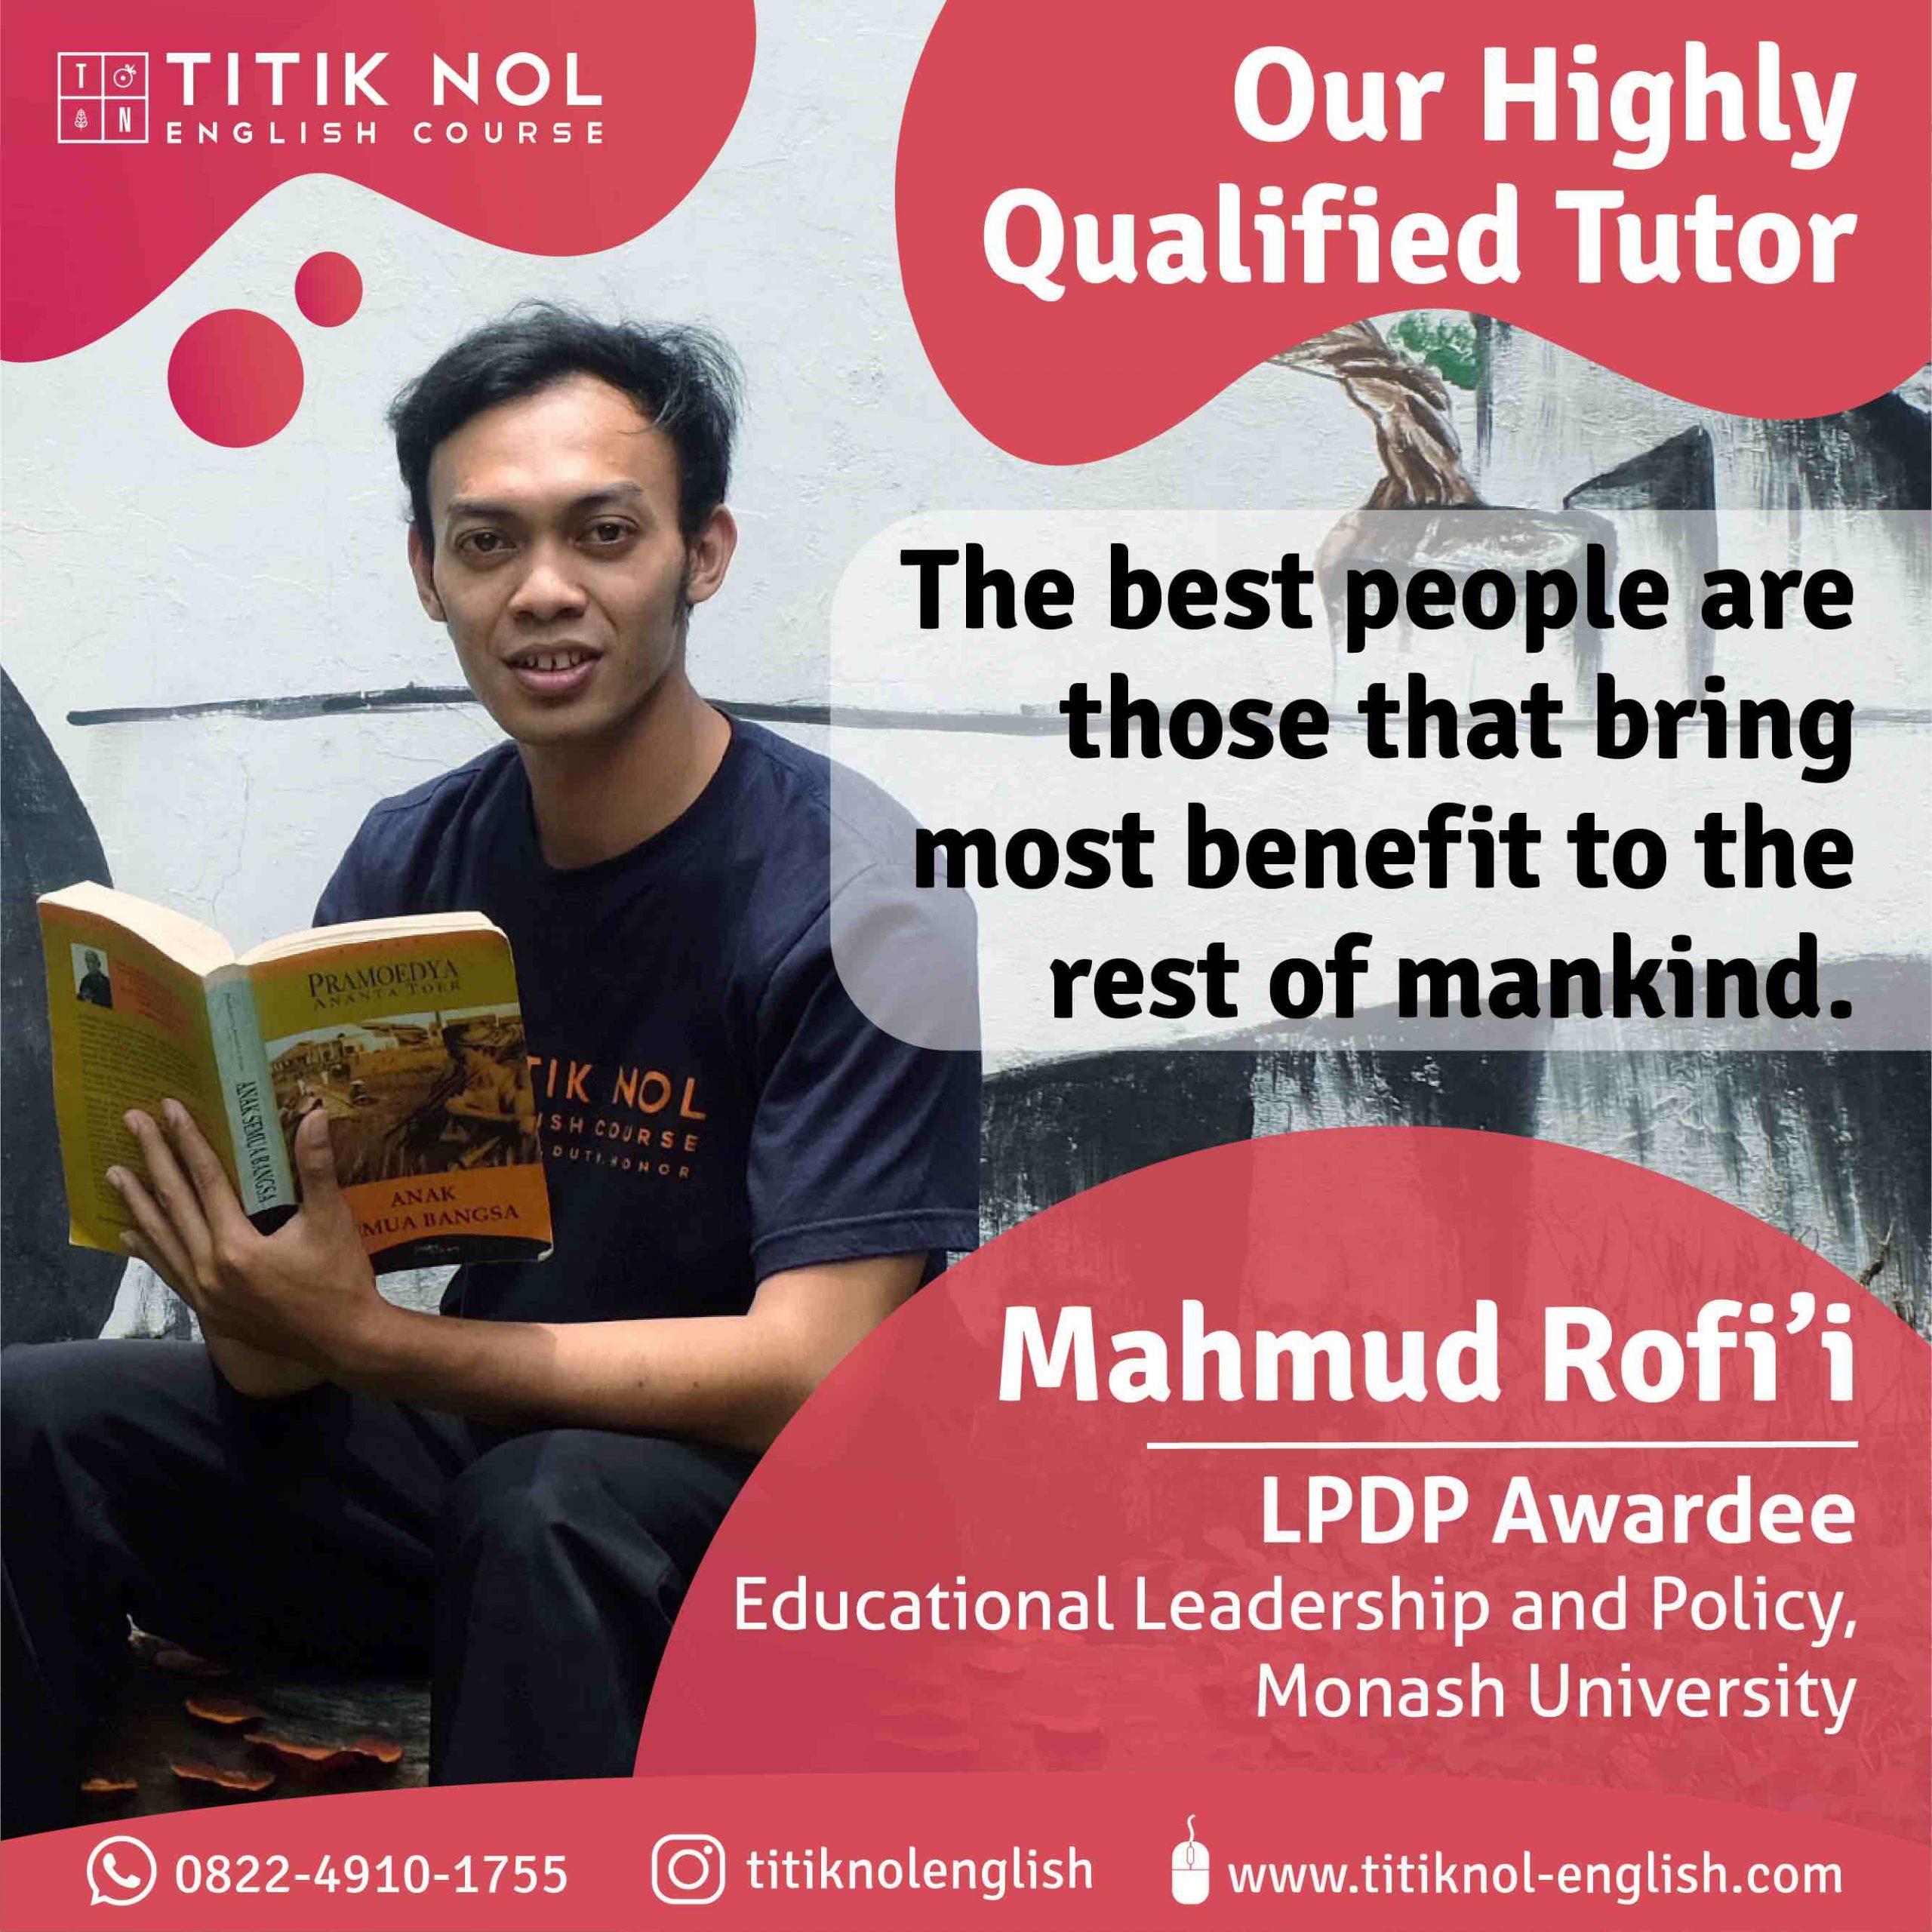 tutor kampung inggris mahmud